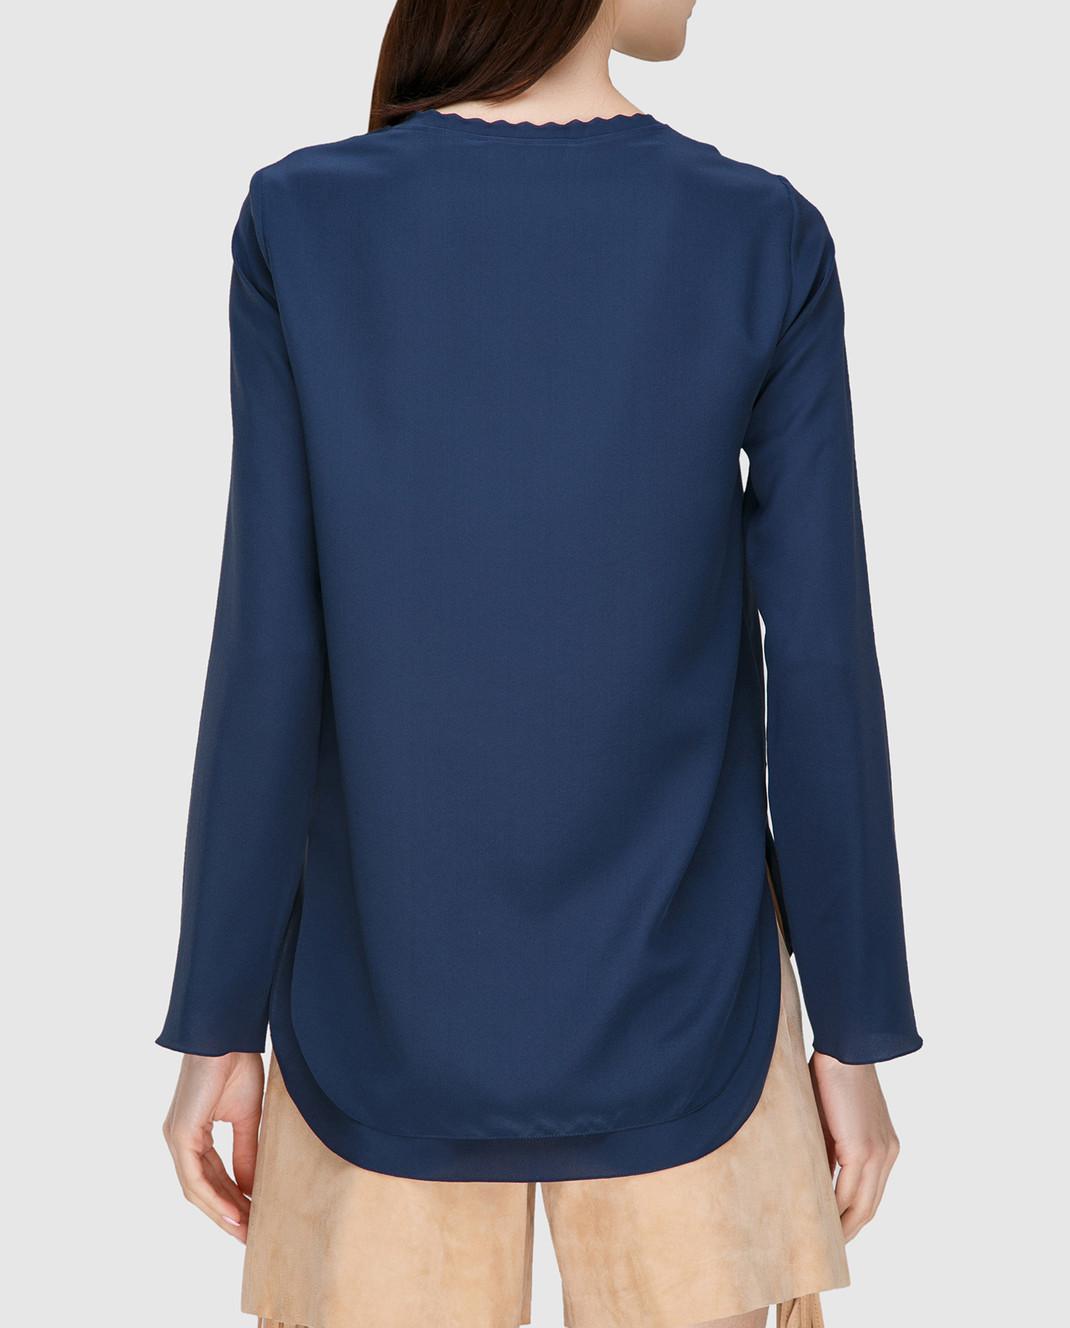 Chloe Синяя блуза 17SHT31 изображение 4